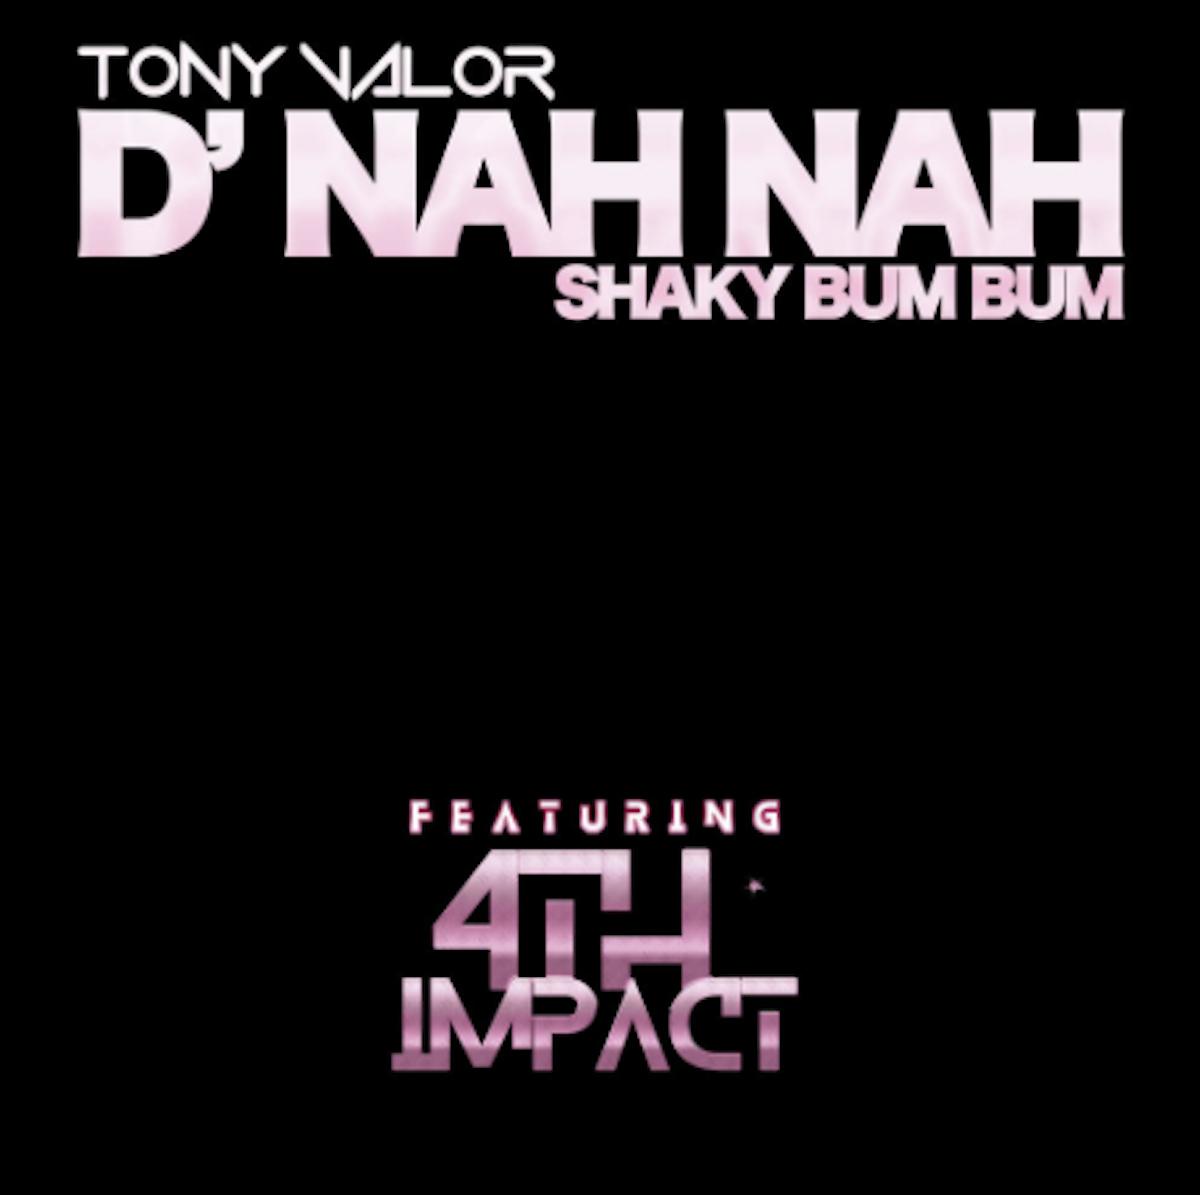 Tony Valor - D'Nah Nah